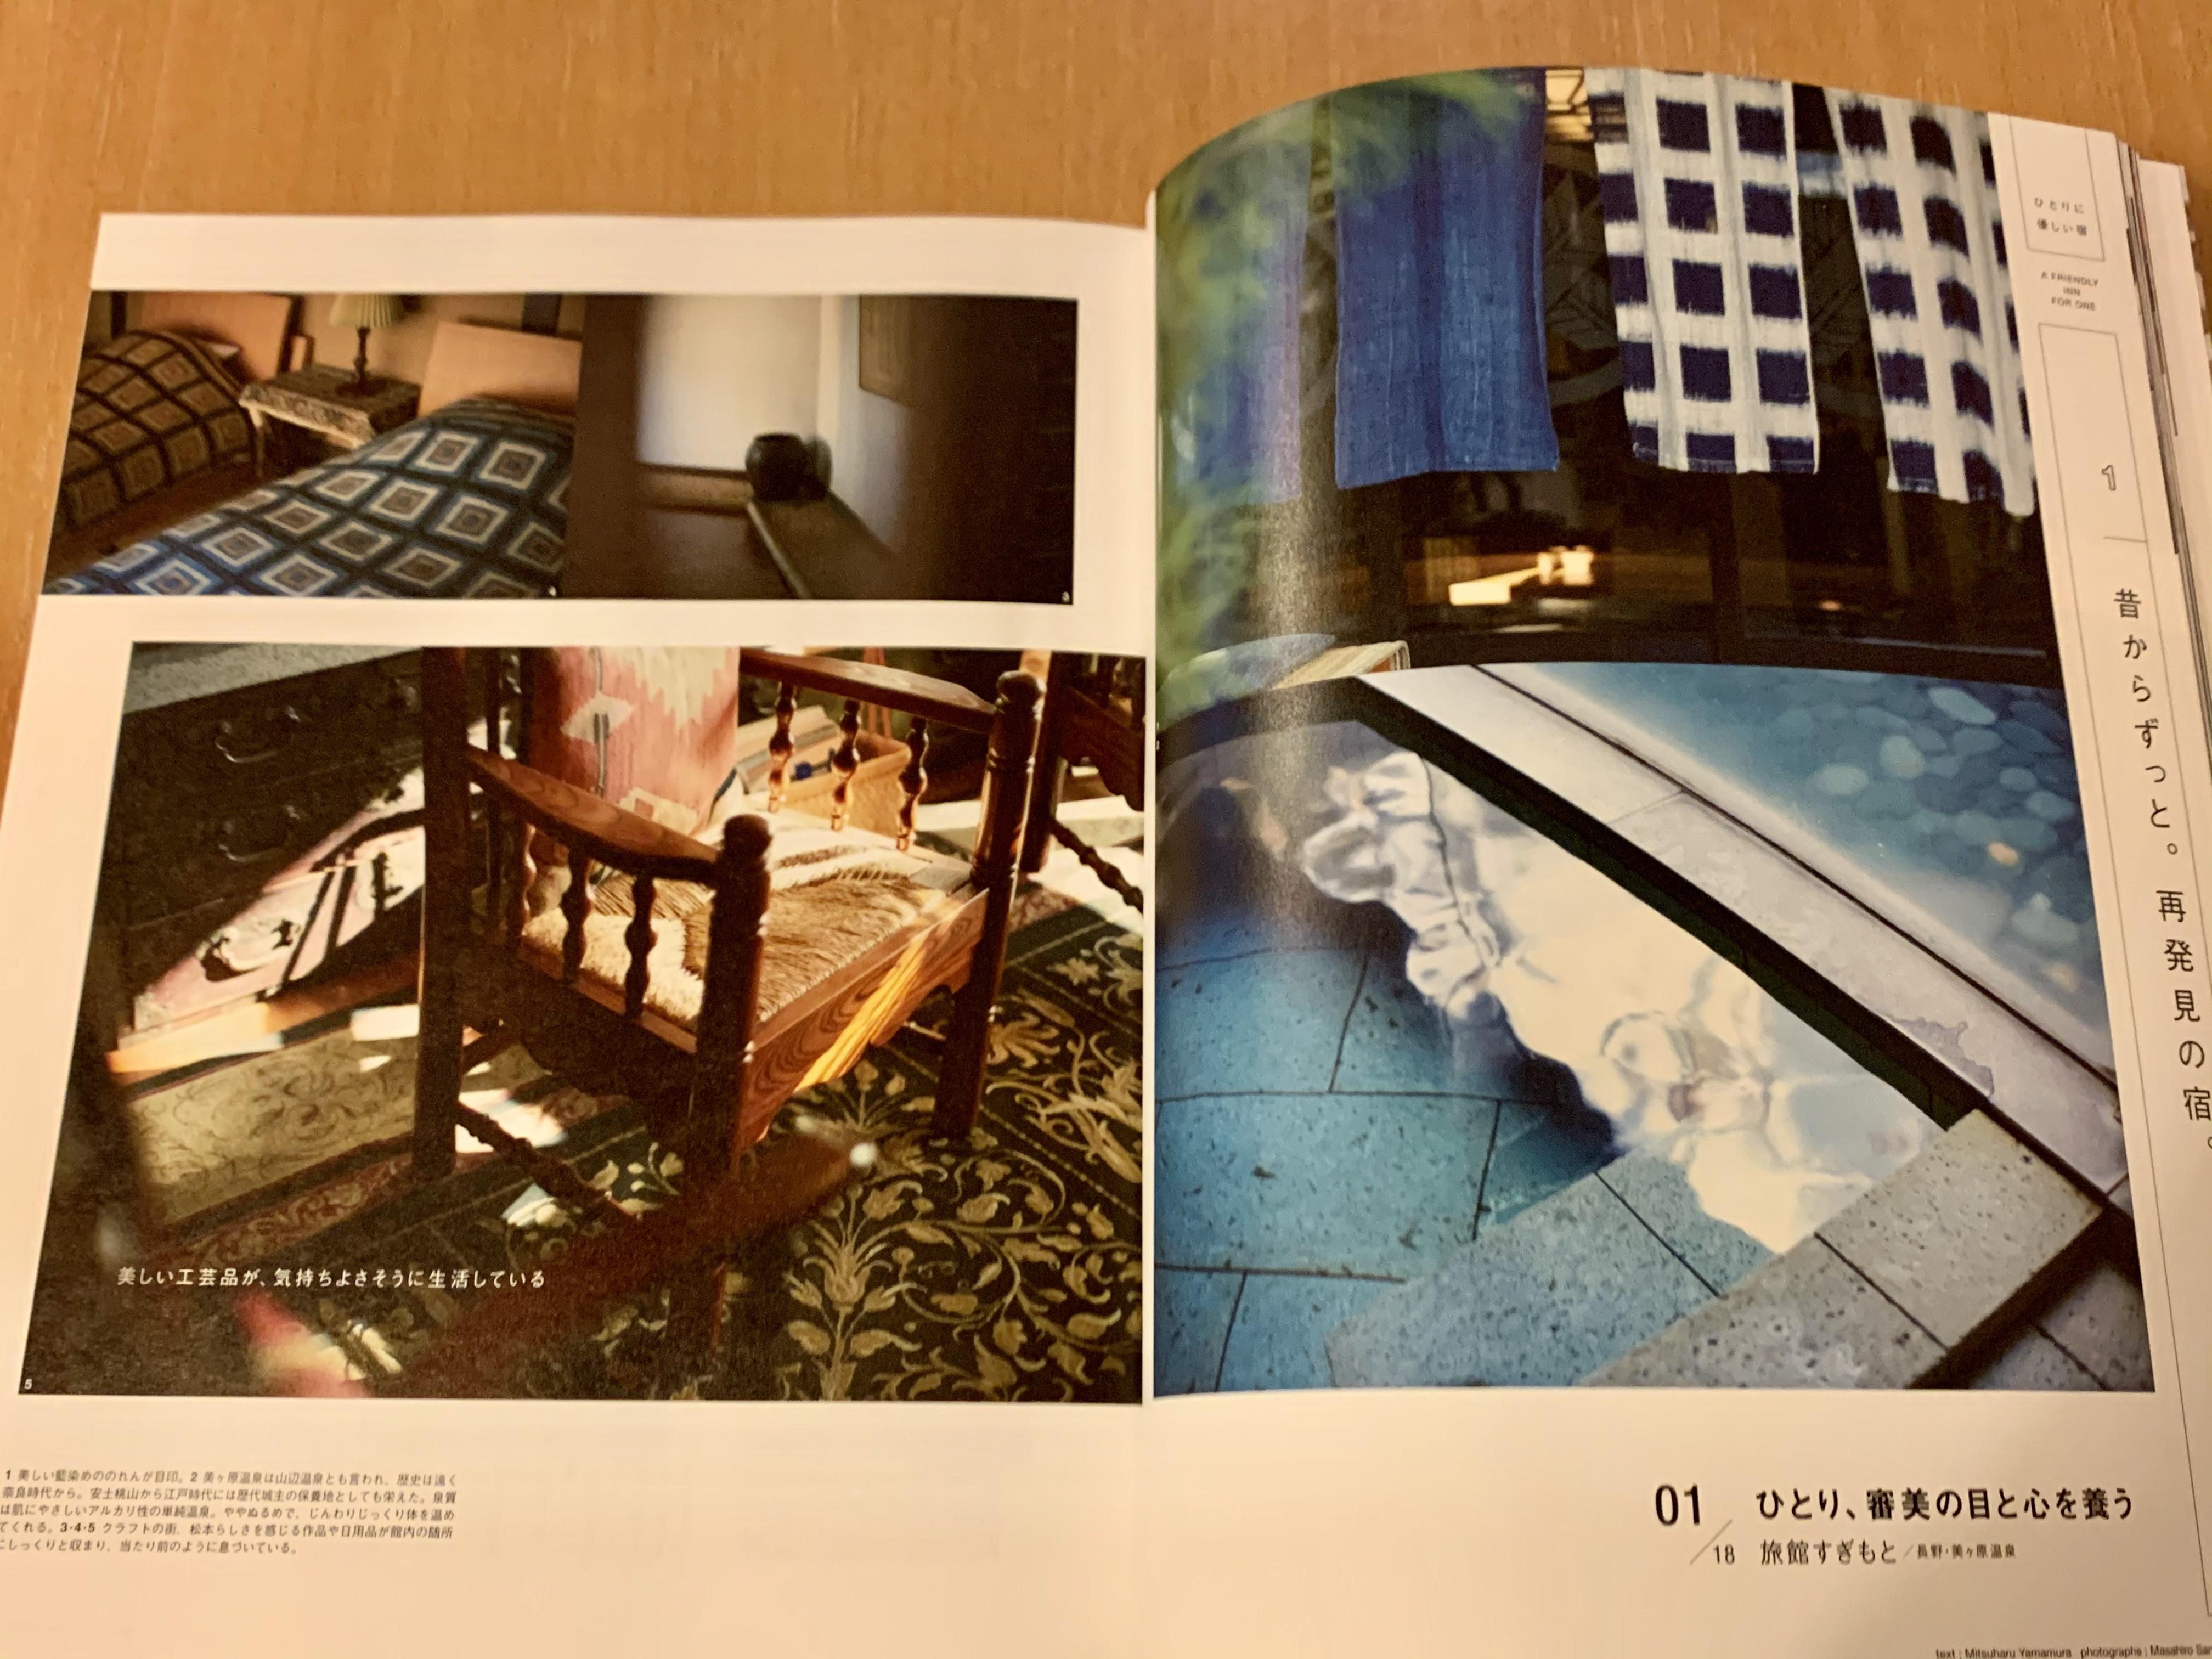 「CREA Due 完全保存版 楽しいひとり温泉」に掲載されました。